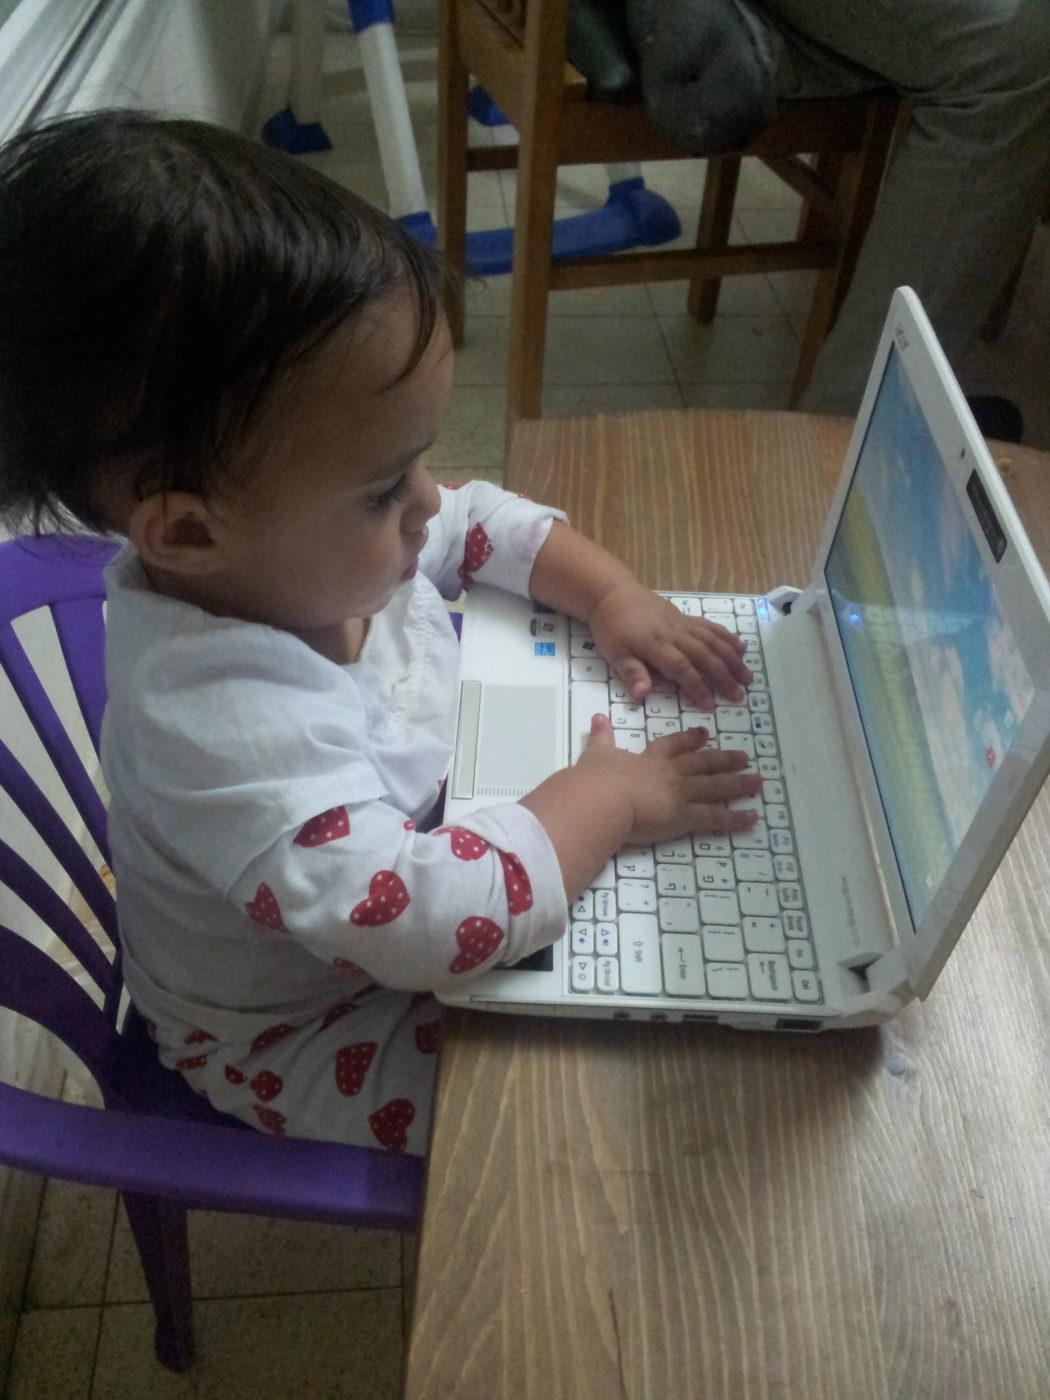 שם השולח: ציפורה בגיזדה. הבת שלי בת שנה מפתחת אפליקציות.